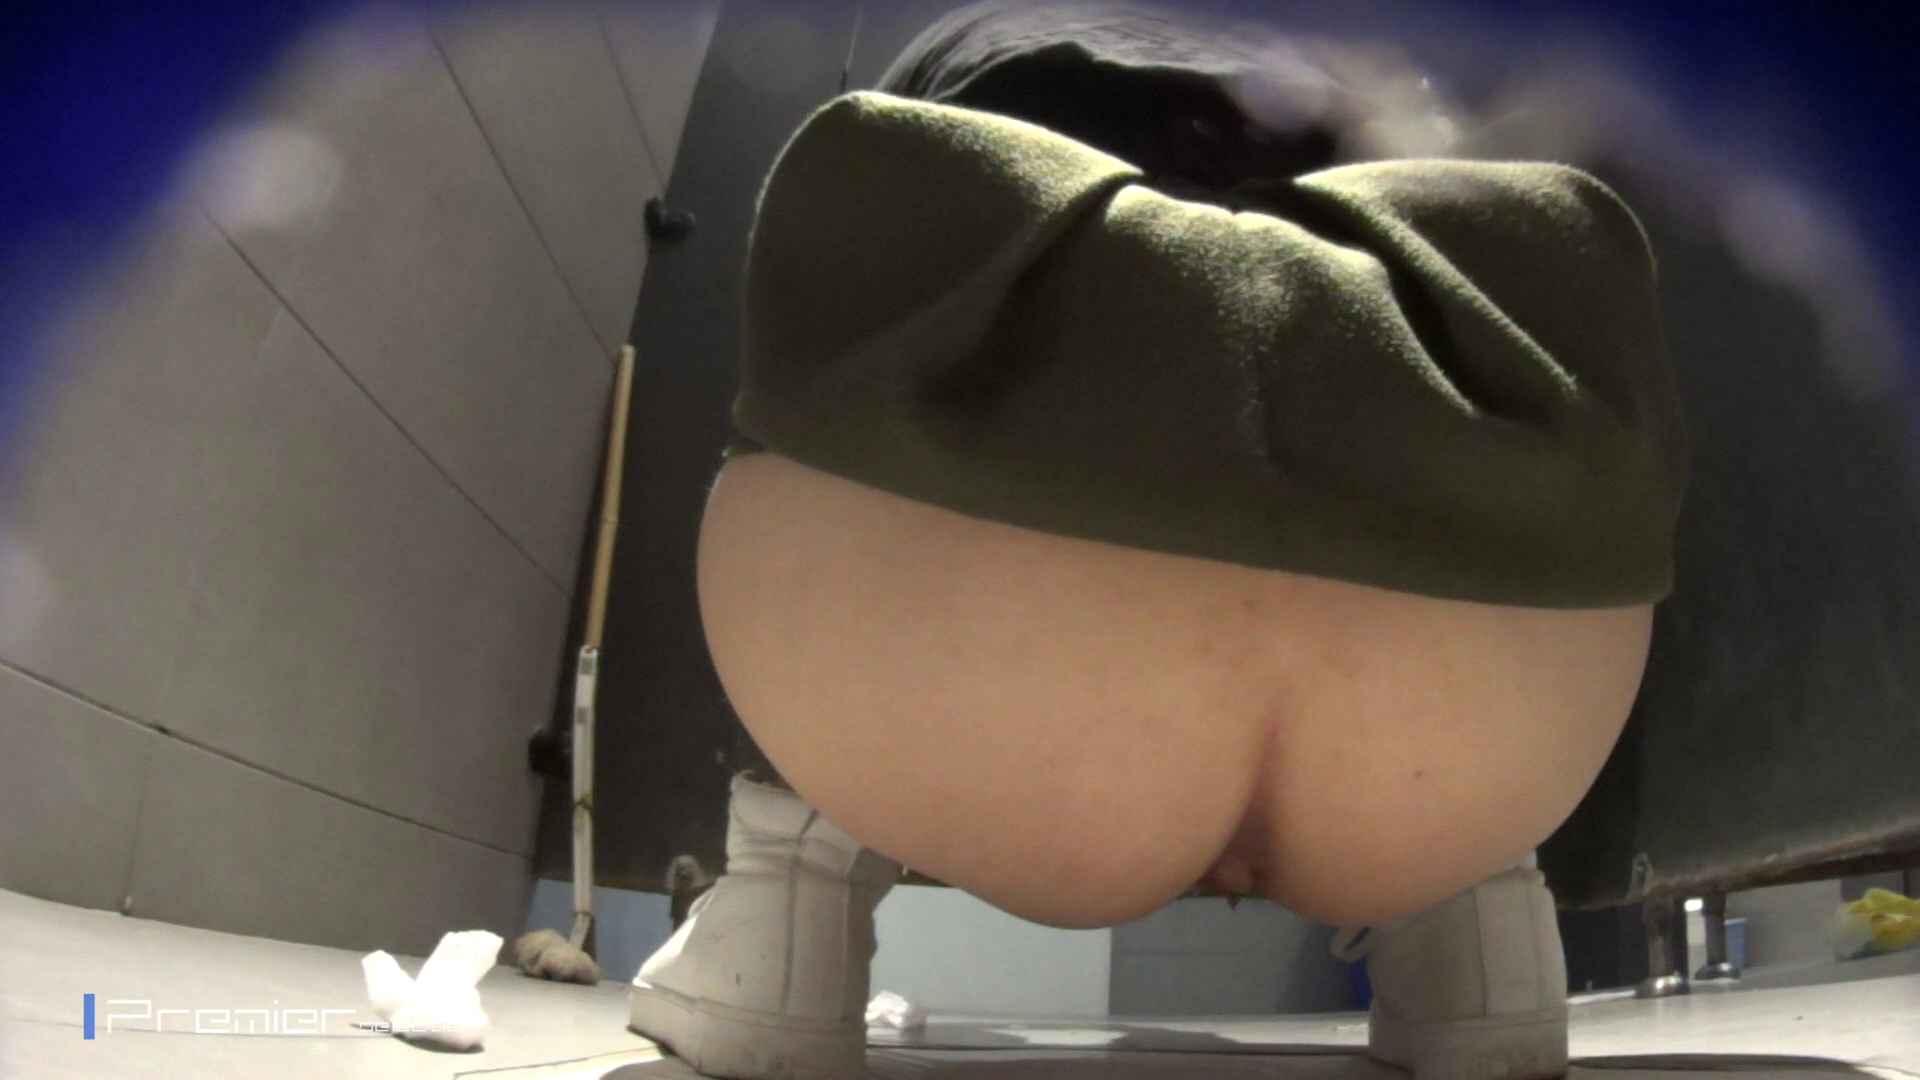 地味な子ですがhiwaiなあそこ 大学休憩時間の洗面所事情69 美肌 セックス無修正動画無料 90画像 71